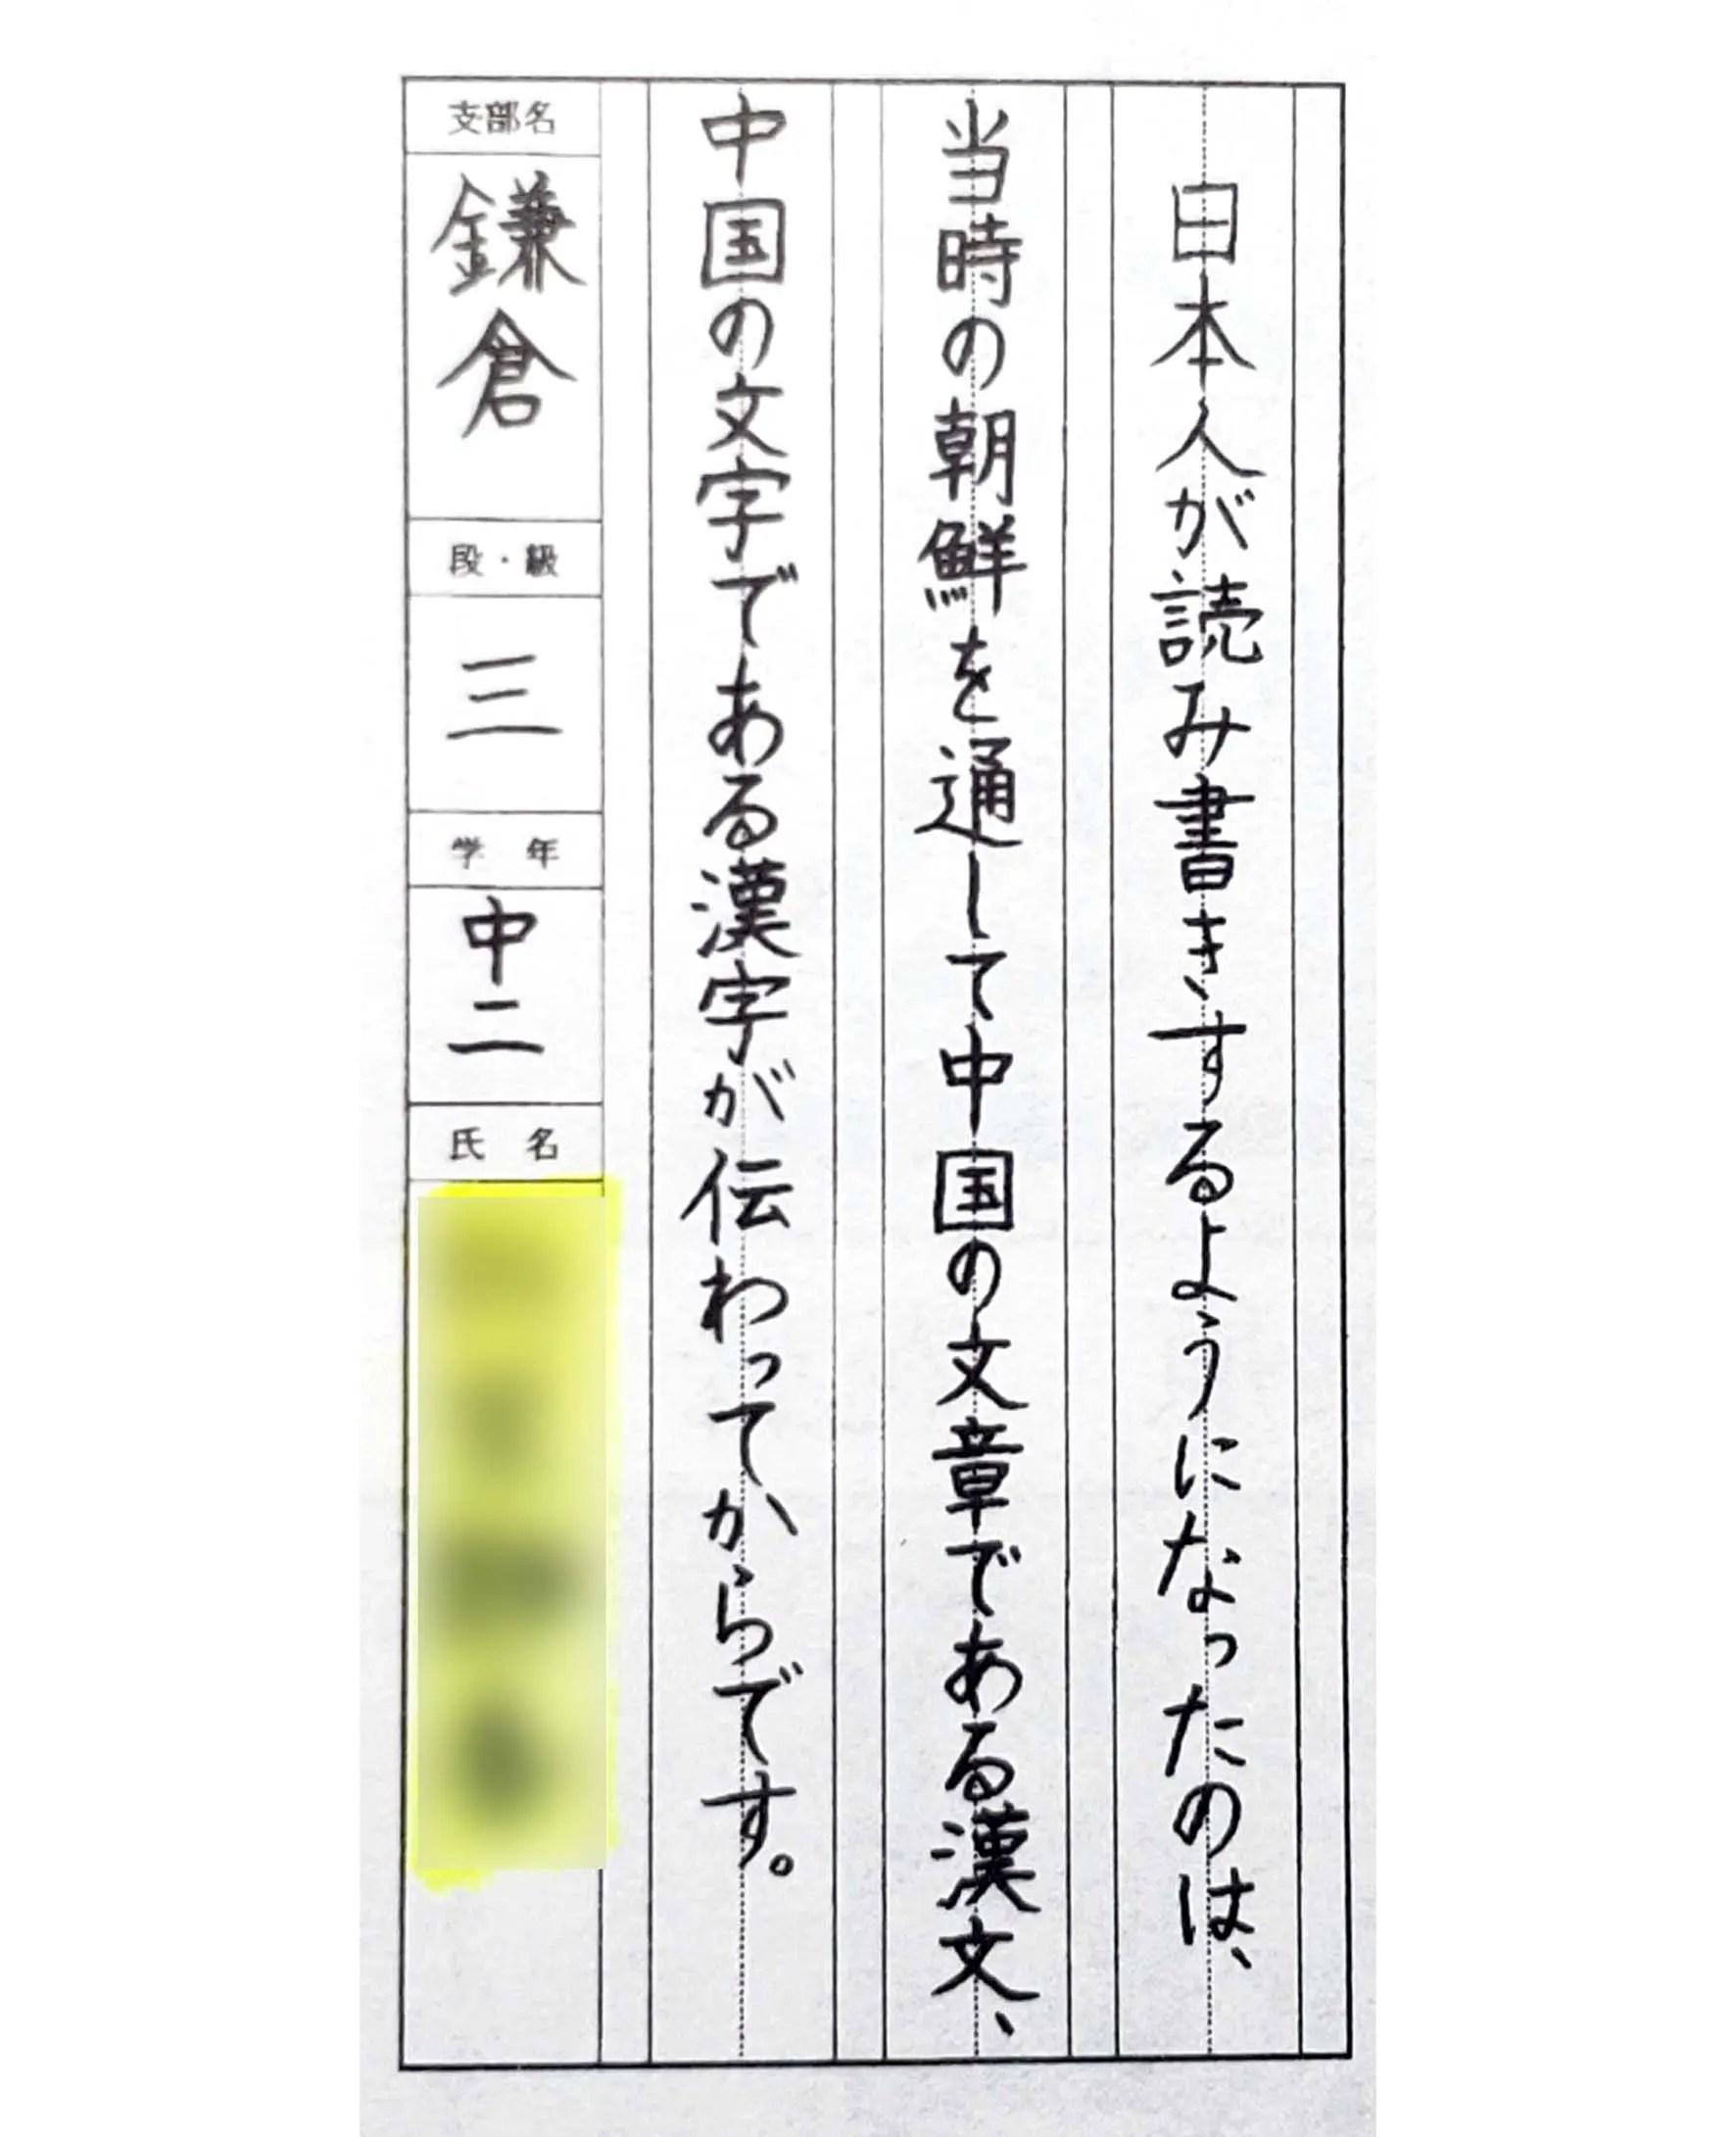 競書学生部の中学生の硬筆優秀作品/鎌倉市長谷の書道教室